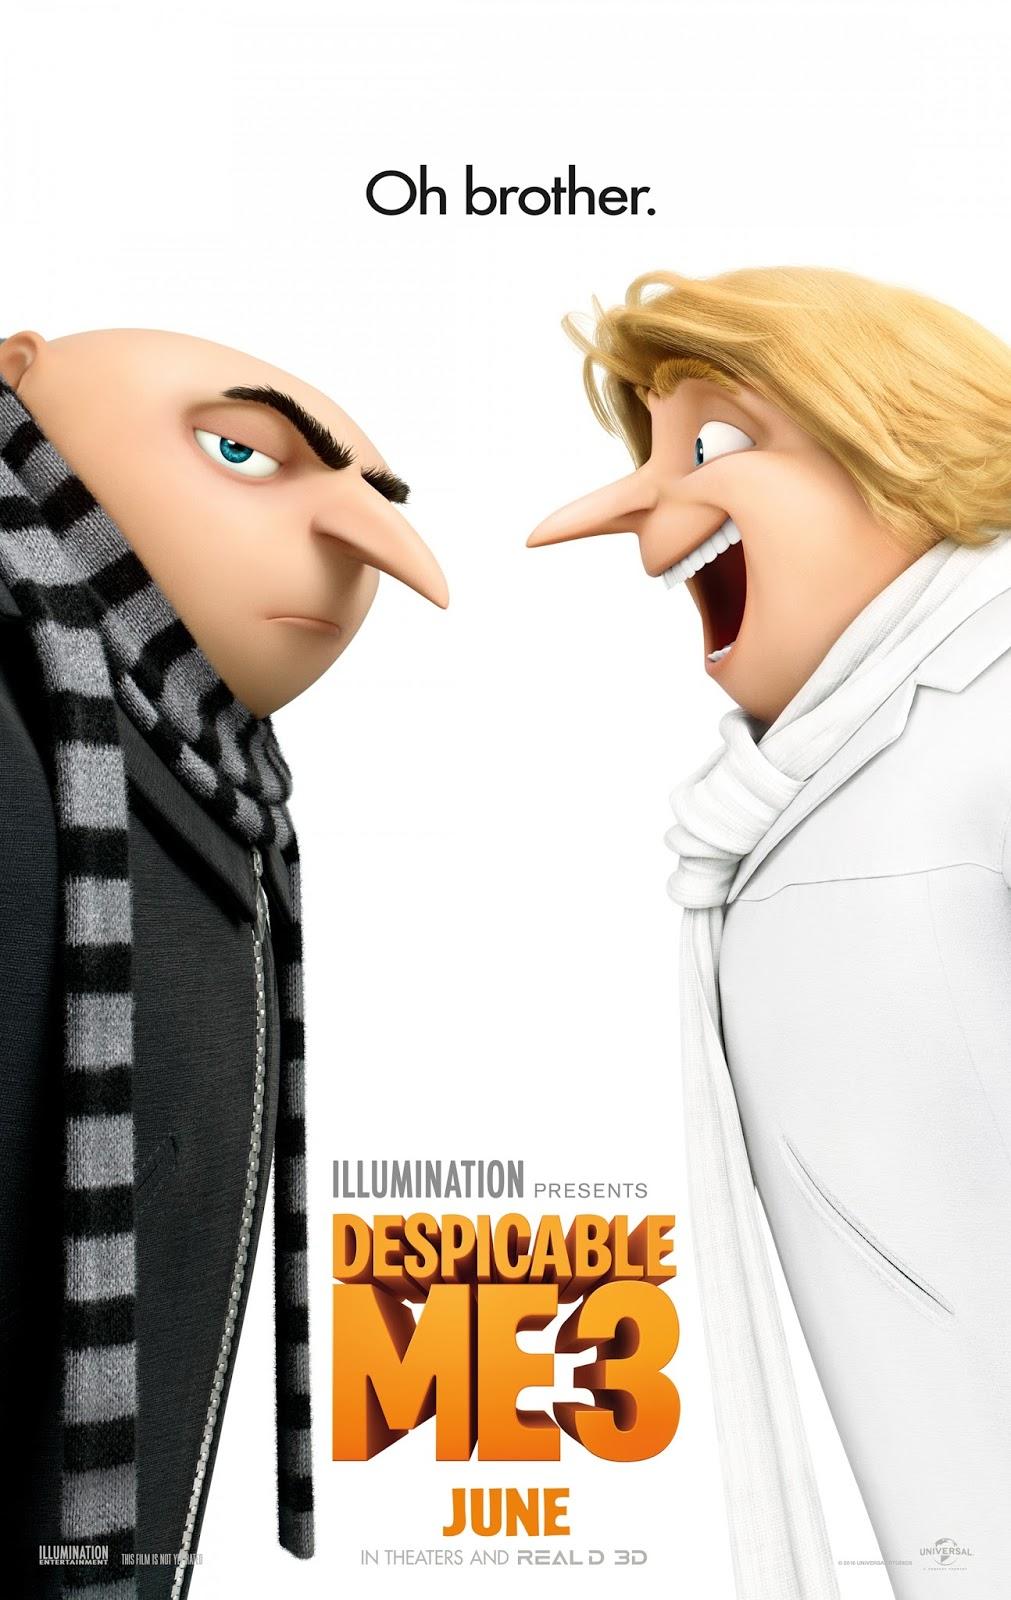 ตัวอย่างหนังใหม่ - Despicable Me 3 (มิสเตอร์แสบ ร้ายเกินพิกัด 3) ซับไทย  poster